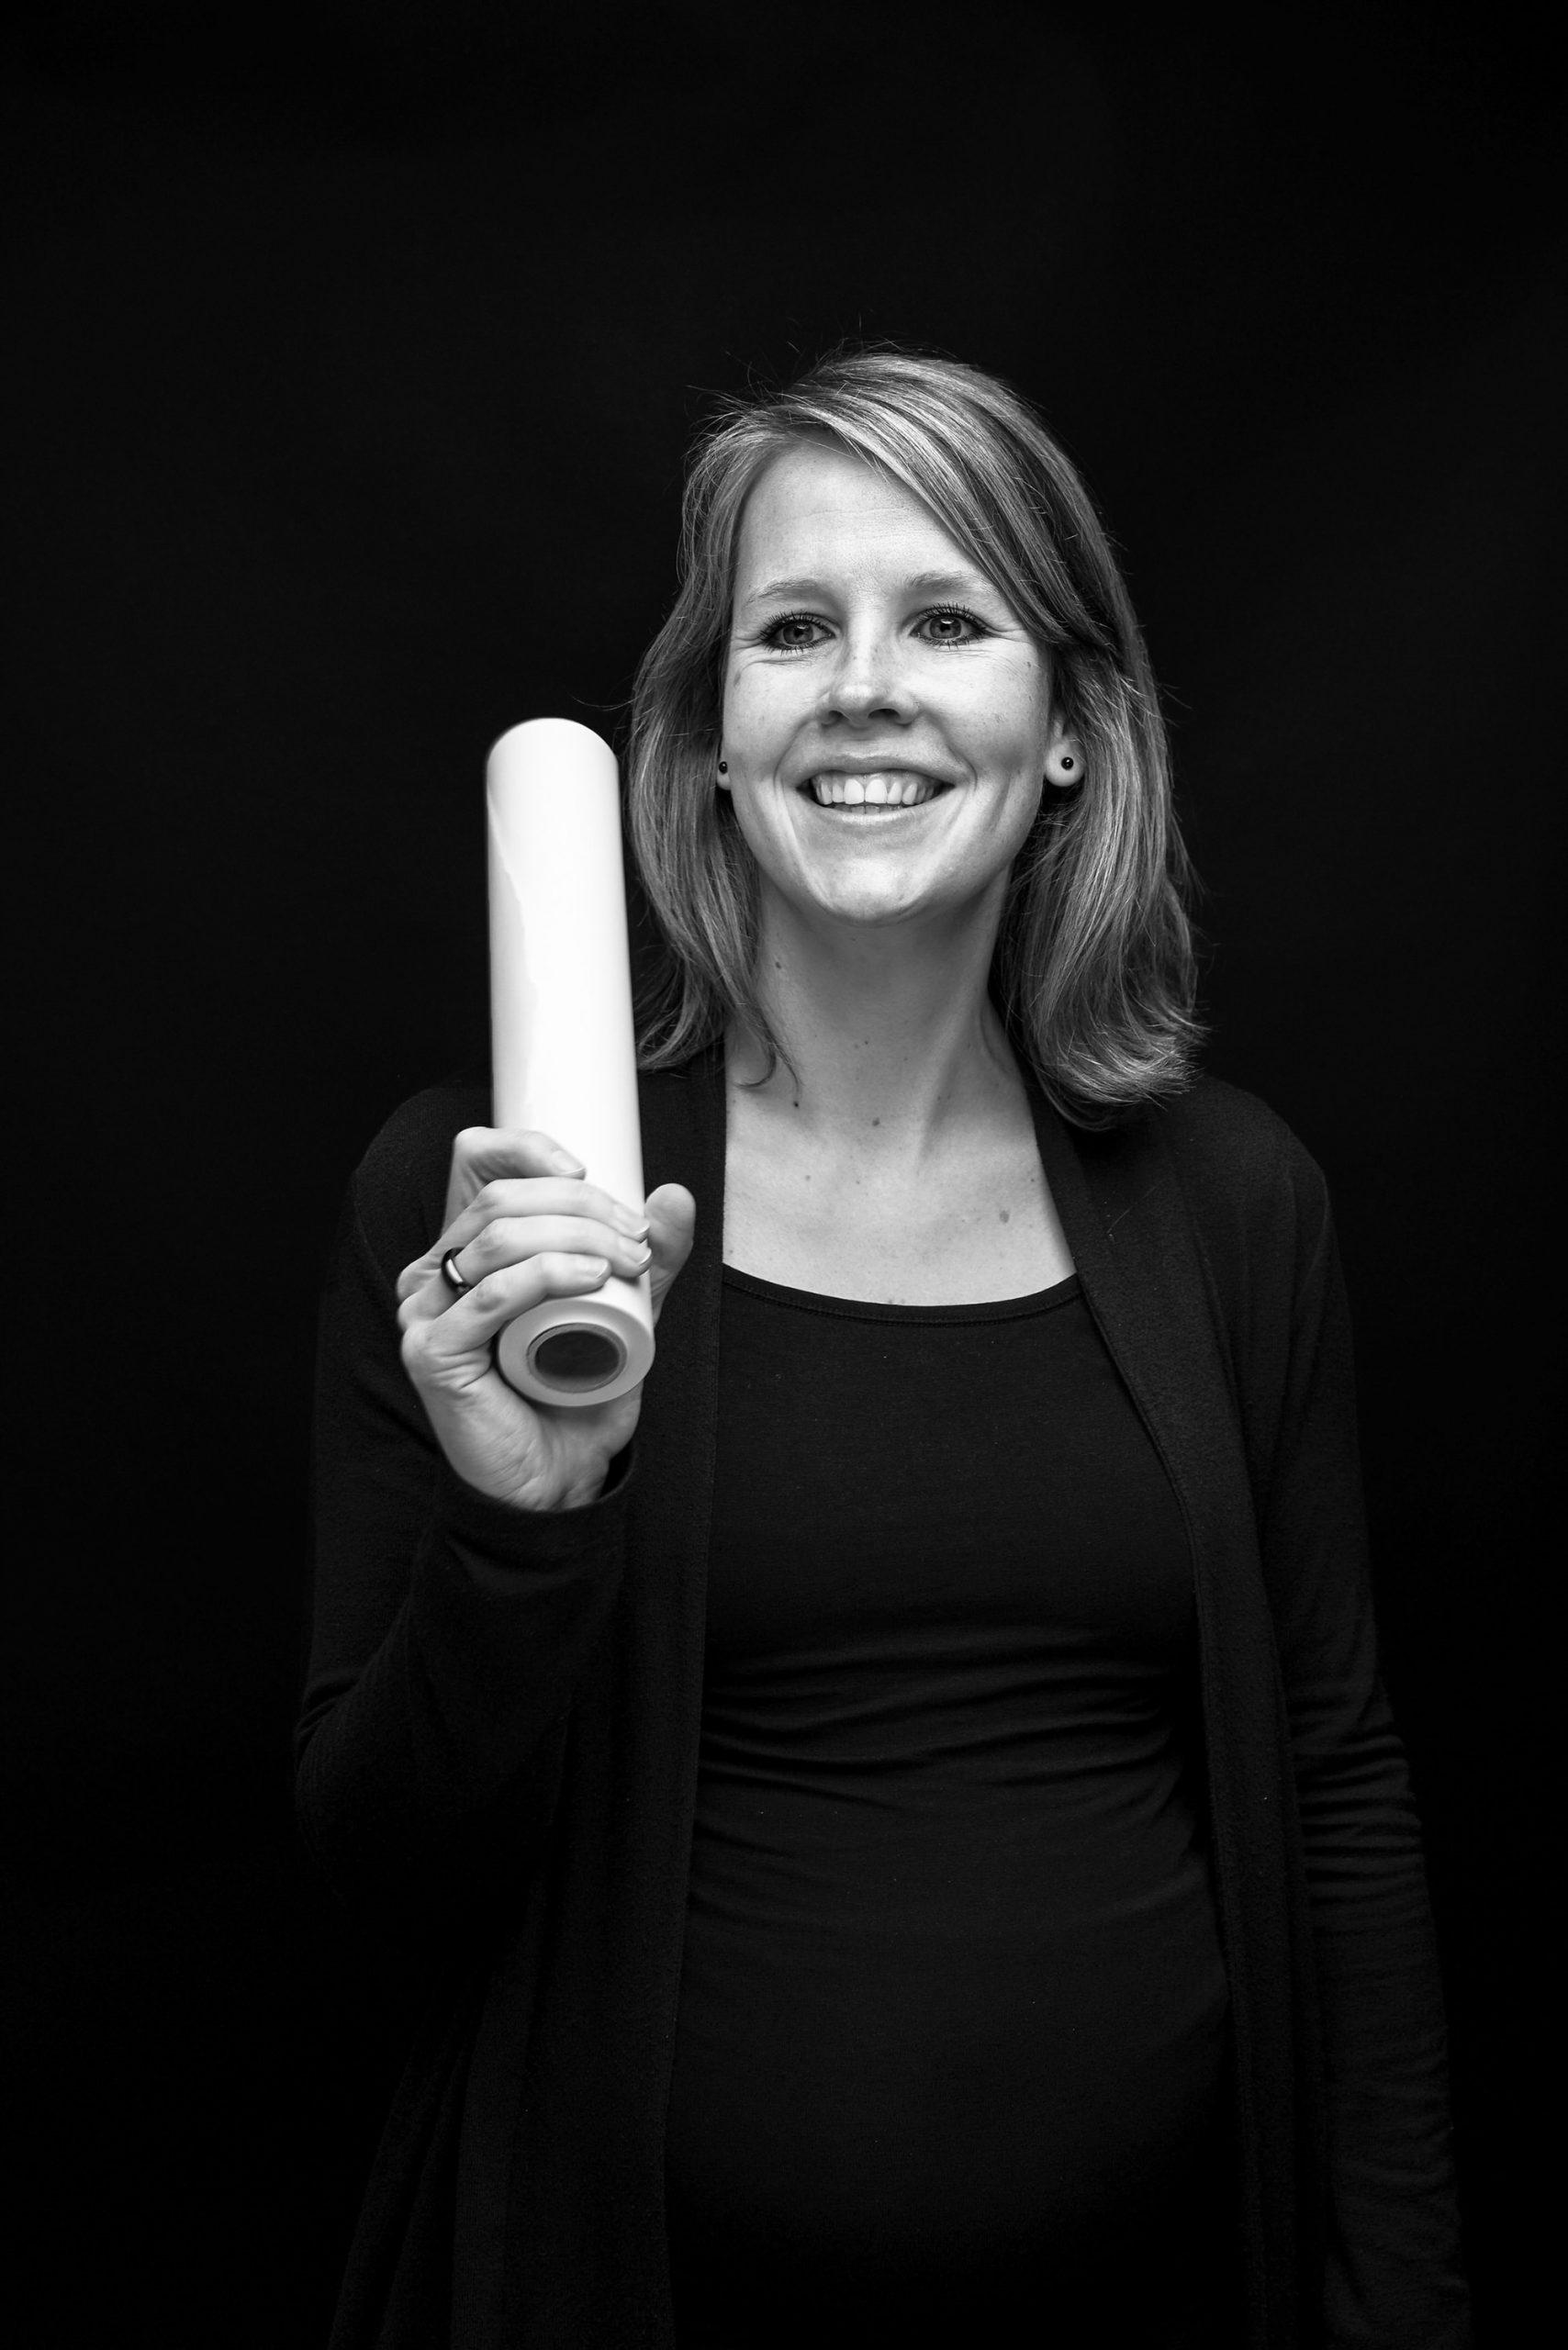 Sanne Reinaerts